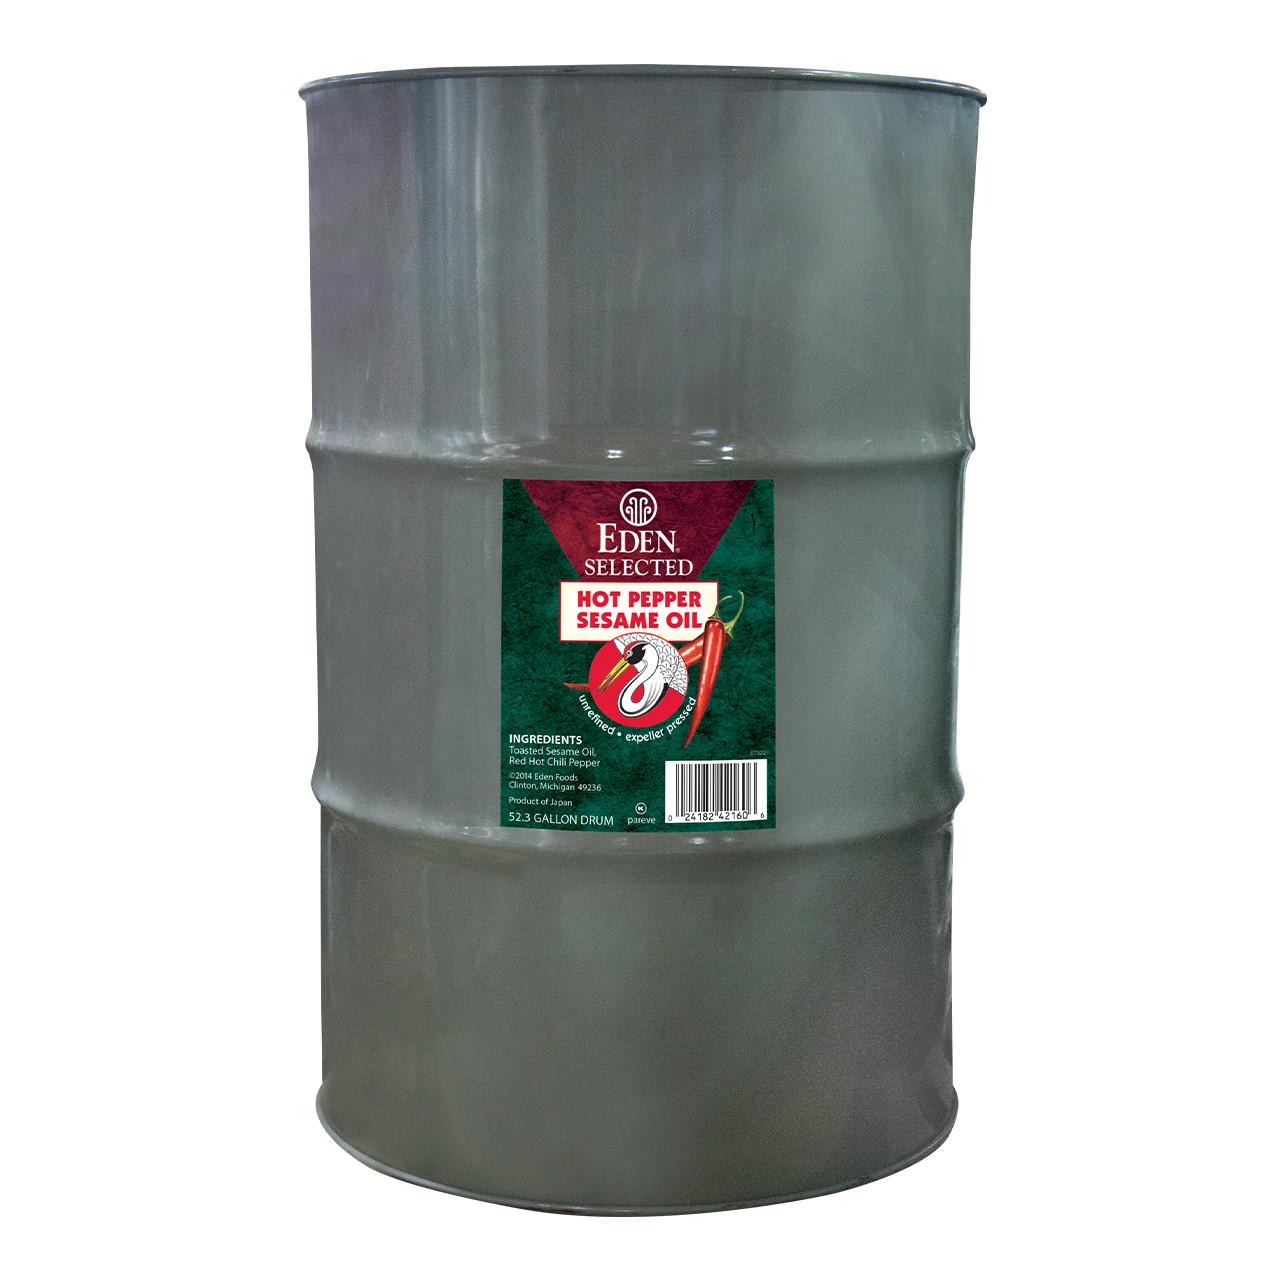 Hot Pepper Sesame Oil - 52.3 gal